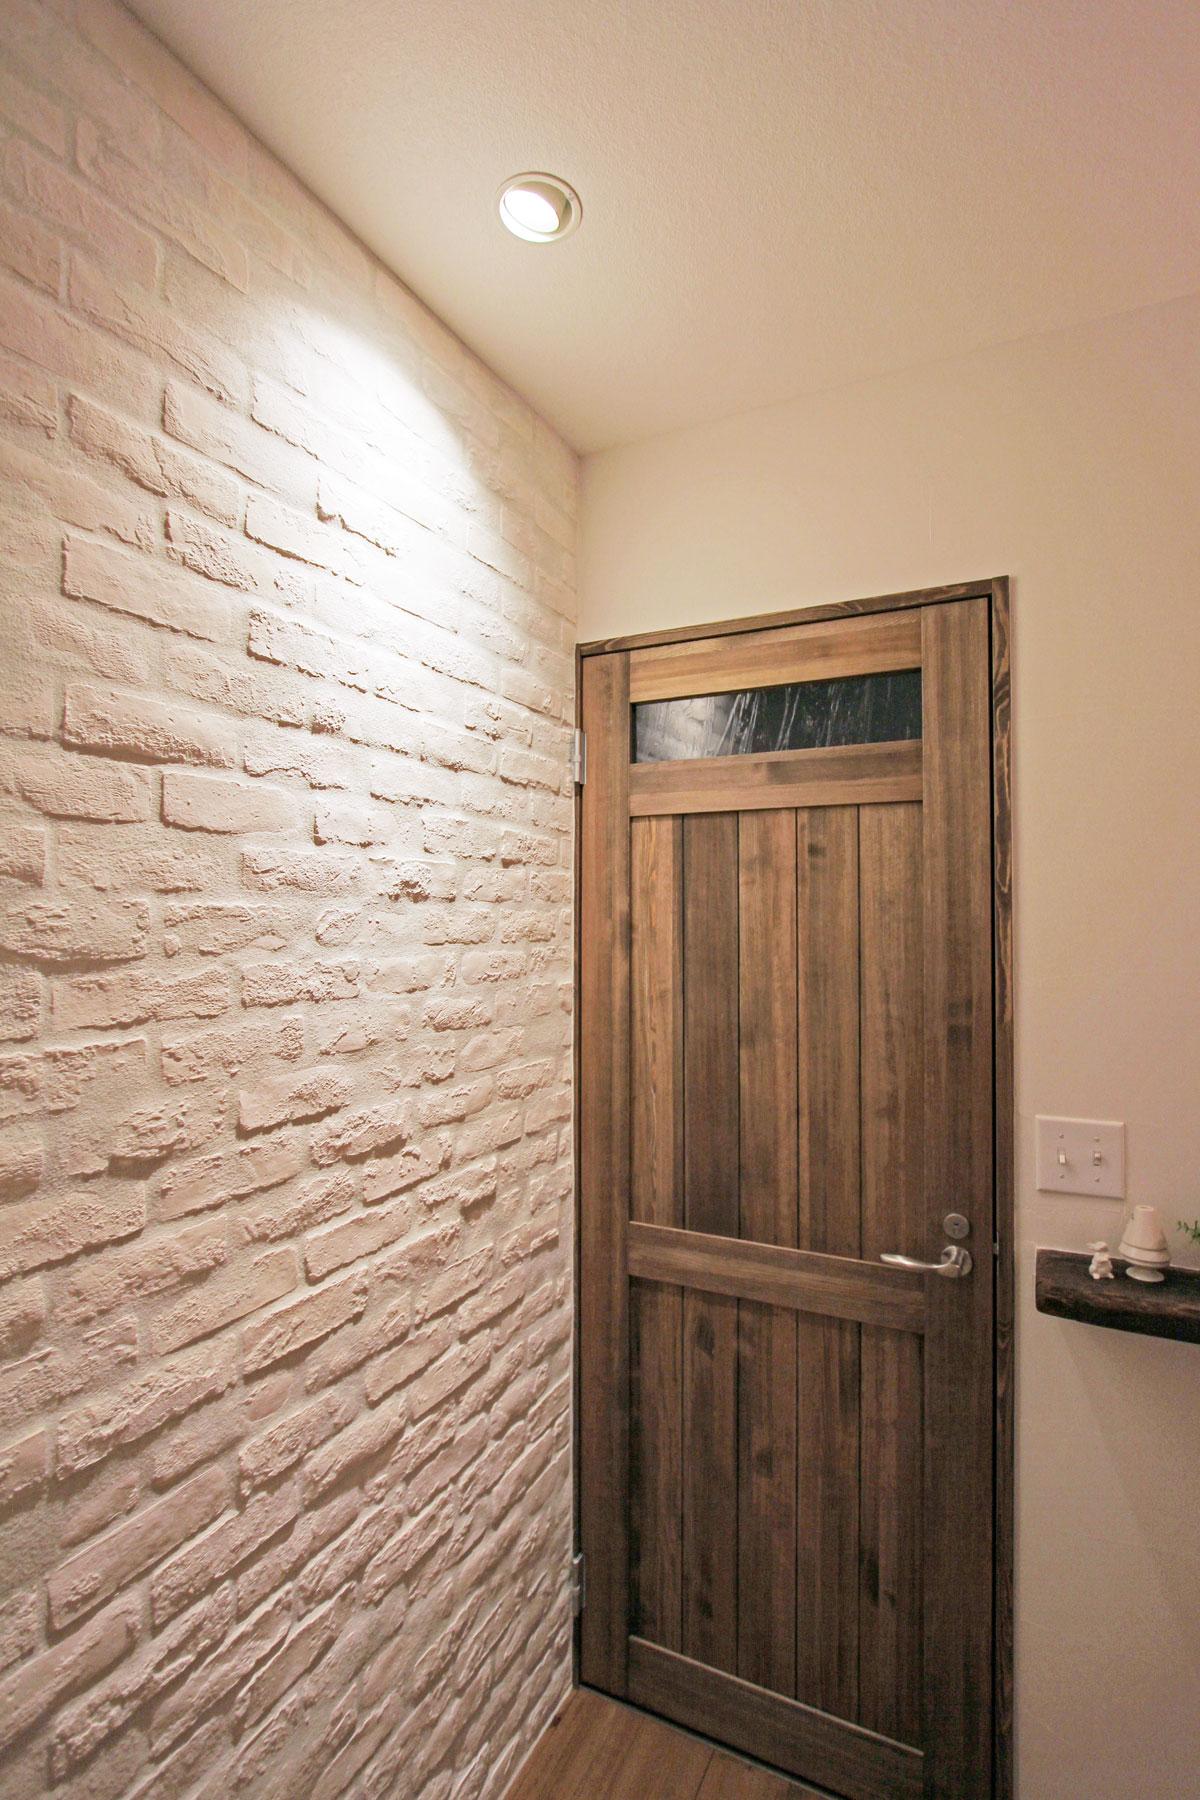 デザインコンクリートでレンガ調のおしゃれな玄関ホール